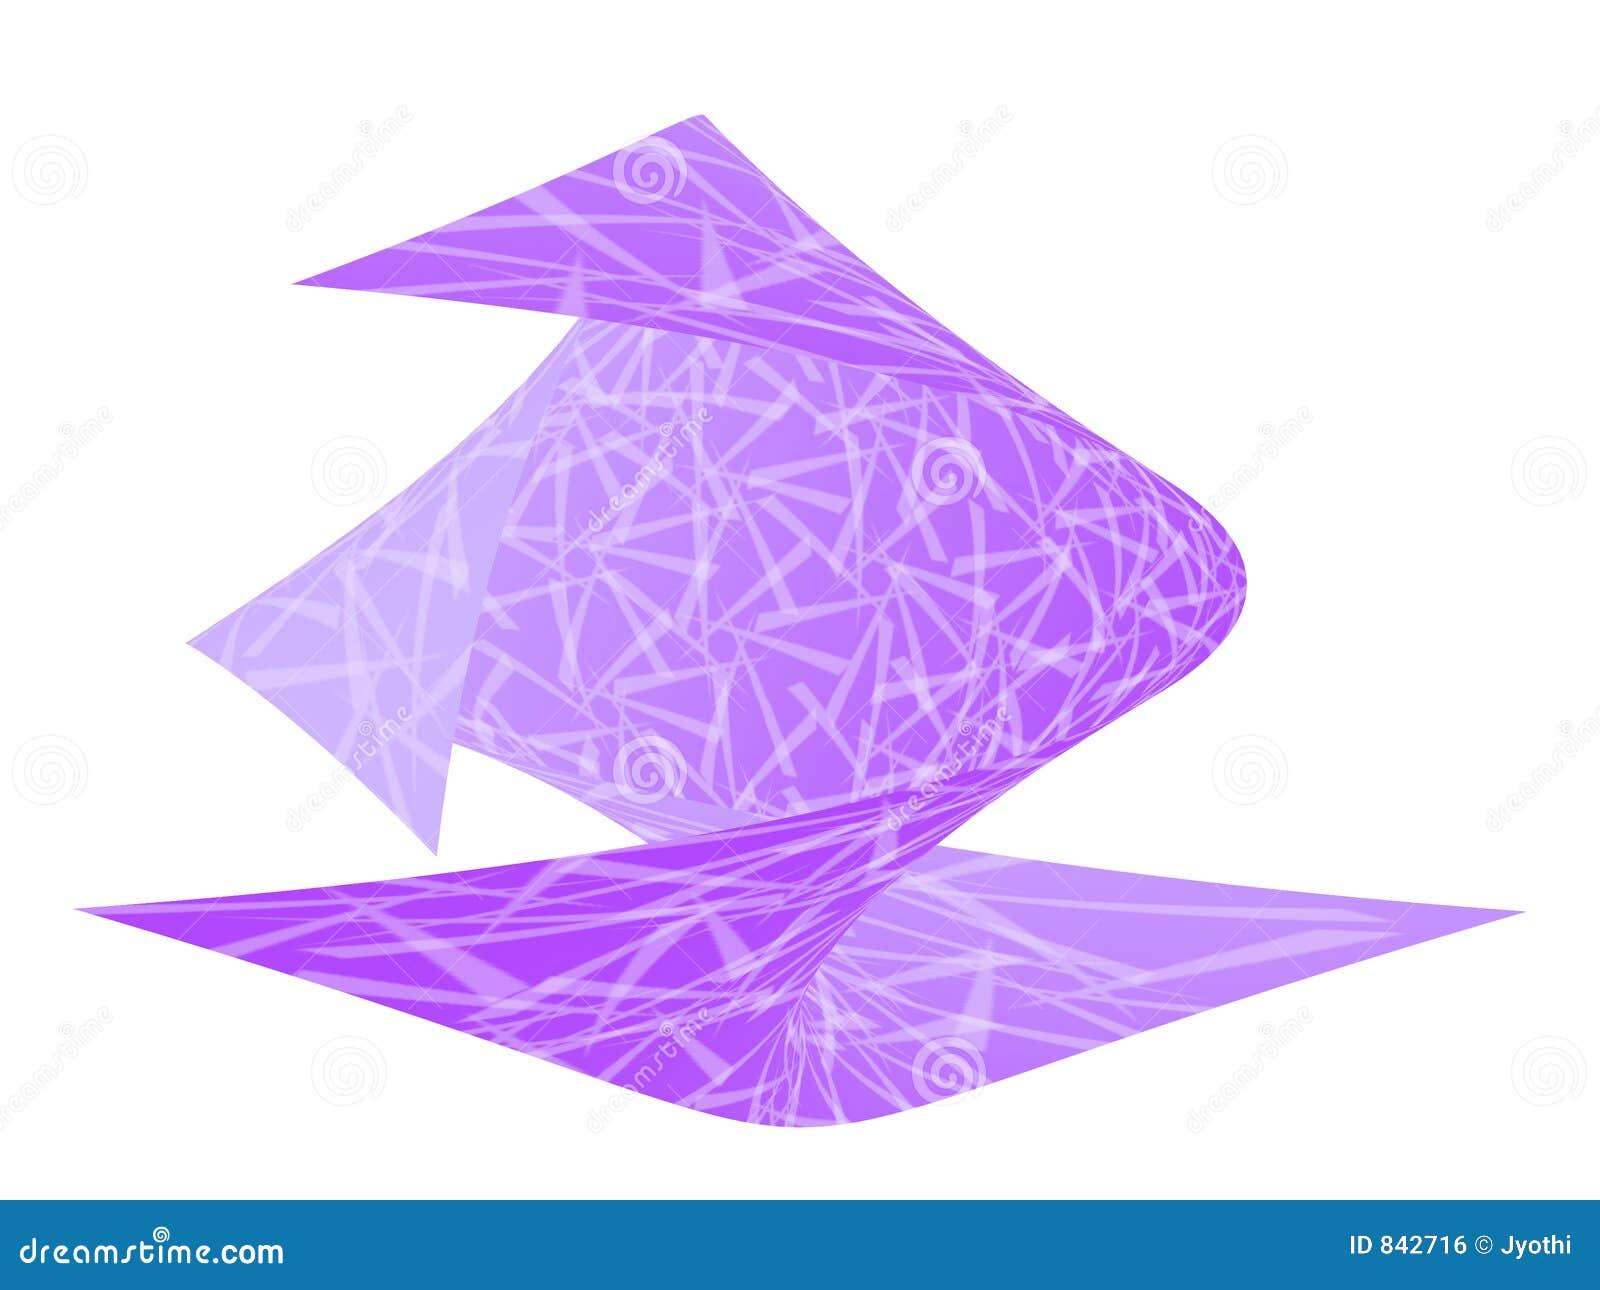 Violet twisted design